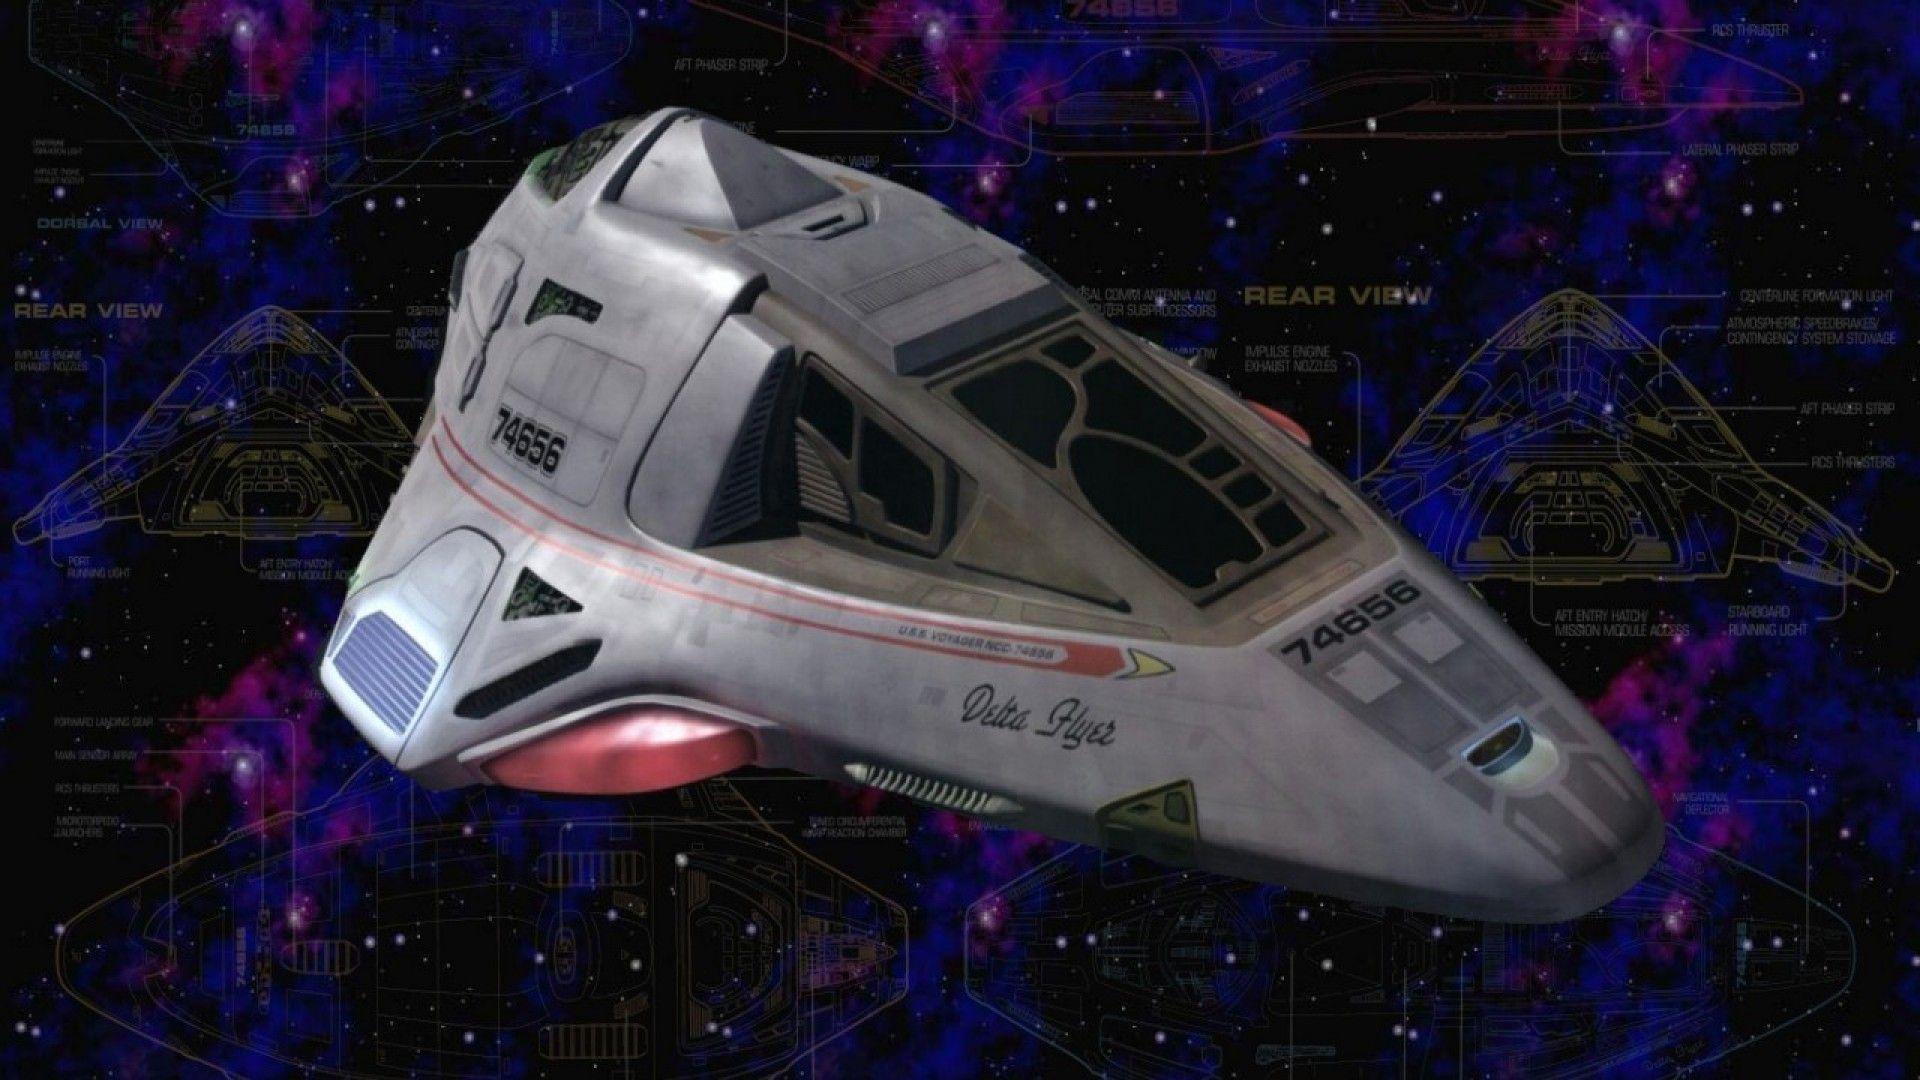 Star Trek Wallpapers 1080p